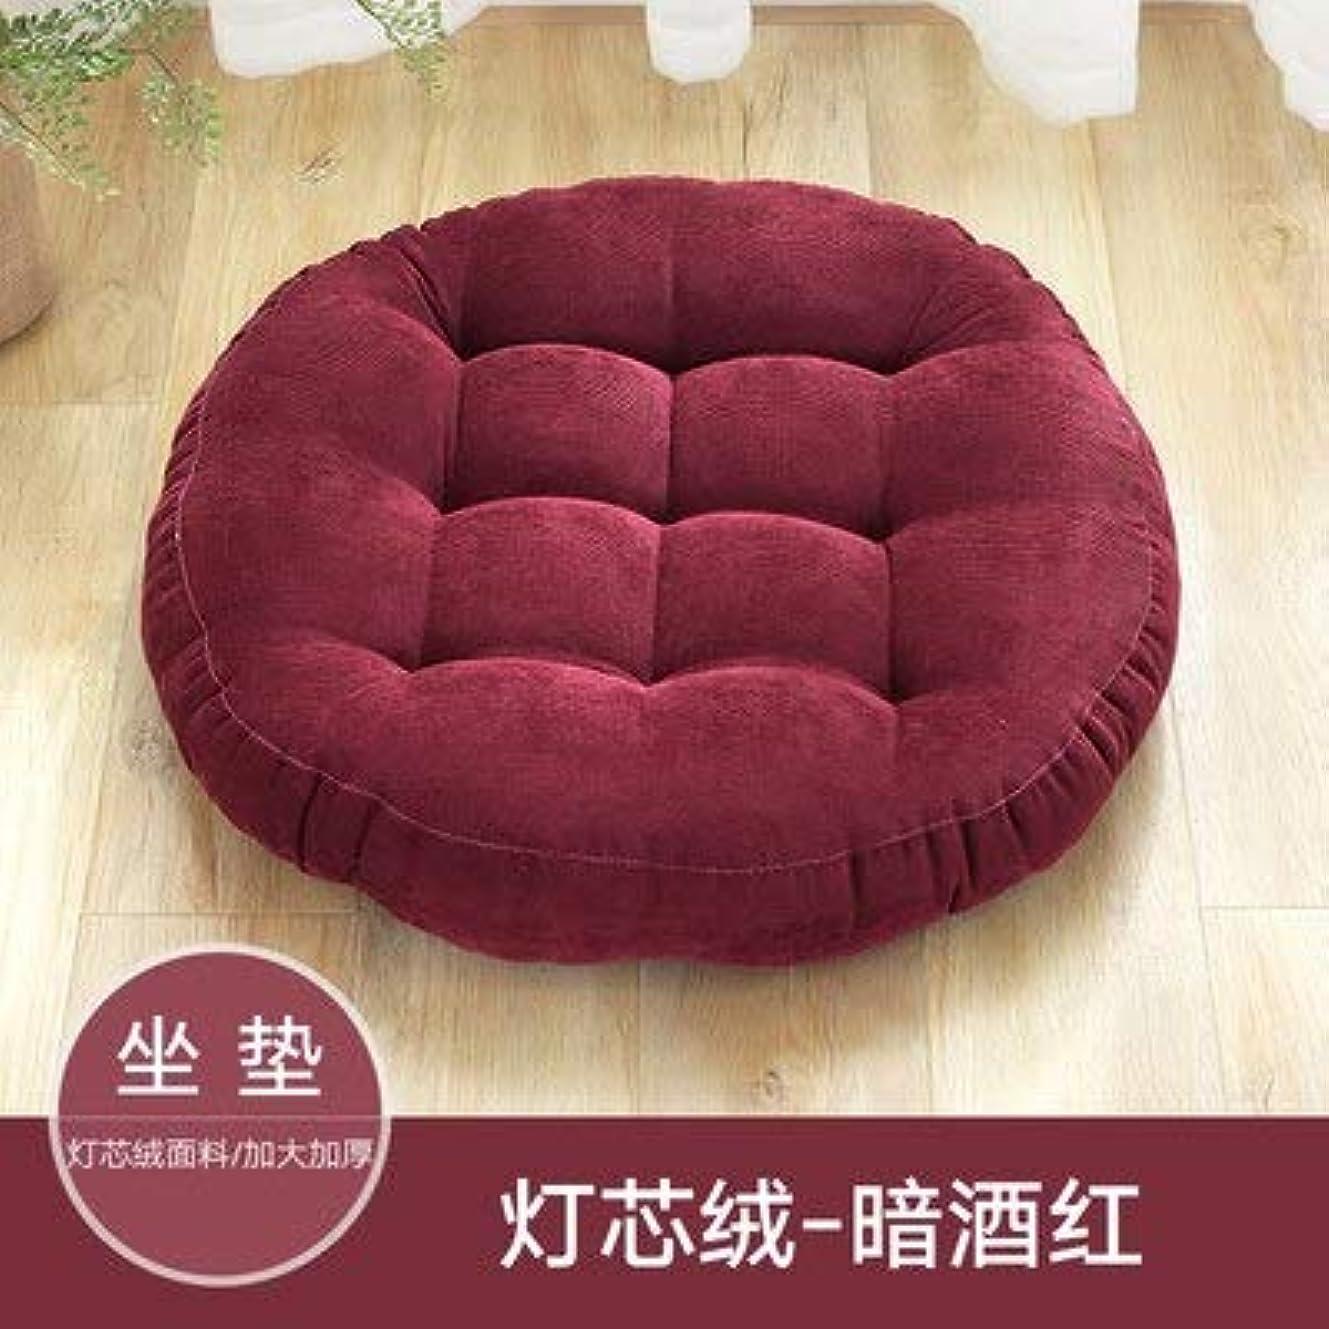 ショート平和薬を飲むLIFE ラウンド厚い椅子のクッションフロアマットレスシートパッドソフトホームオフィスチェアクッションマットソフトスロー枕最高品質の床クッション クッション 椅子